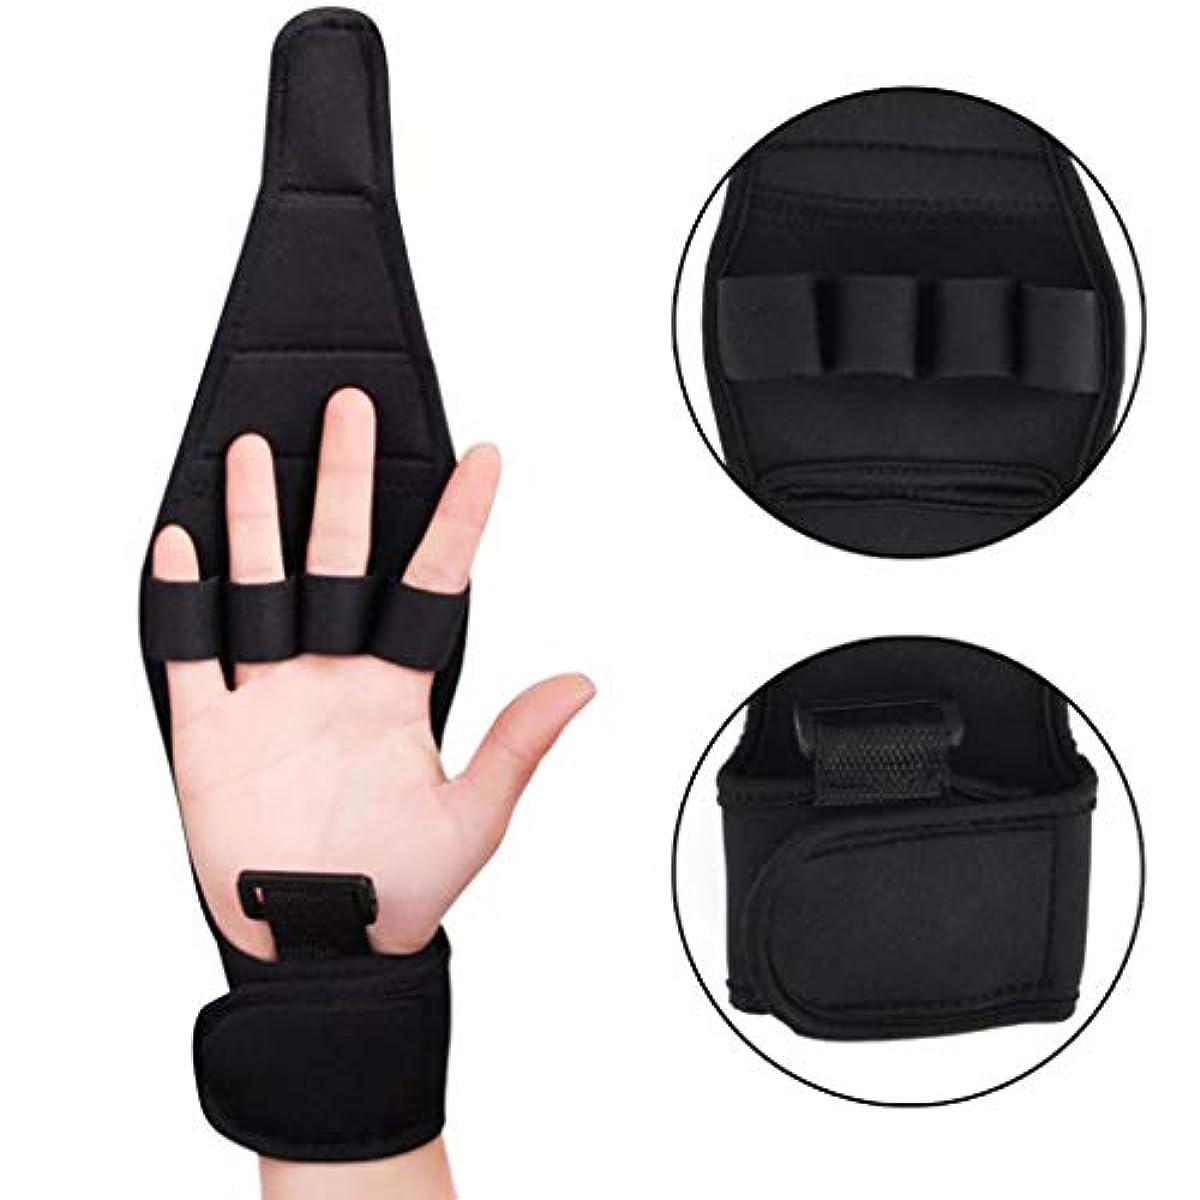 ポップ悪のとにかく指の分離器 - 年配の片麻痺の指のリハビリテーションの訓練のために適した回復添え木の共同苦痛の訂正者,1pcs